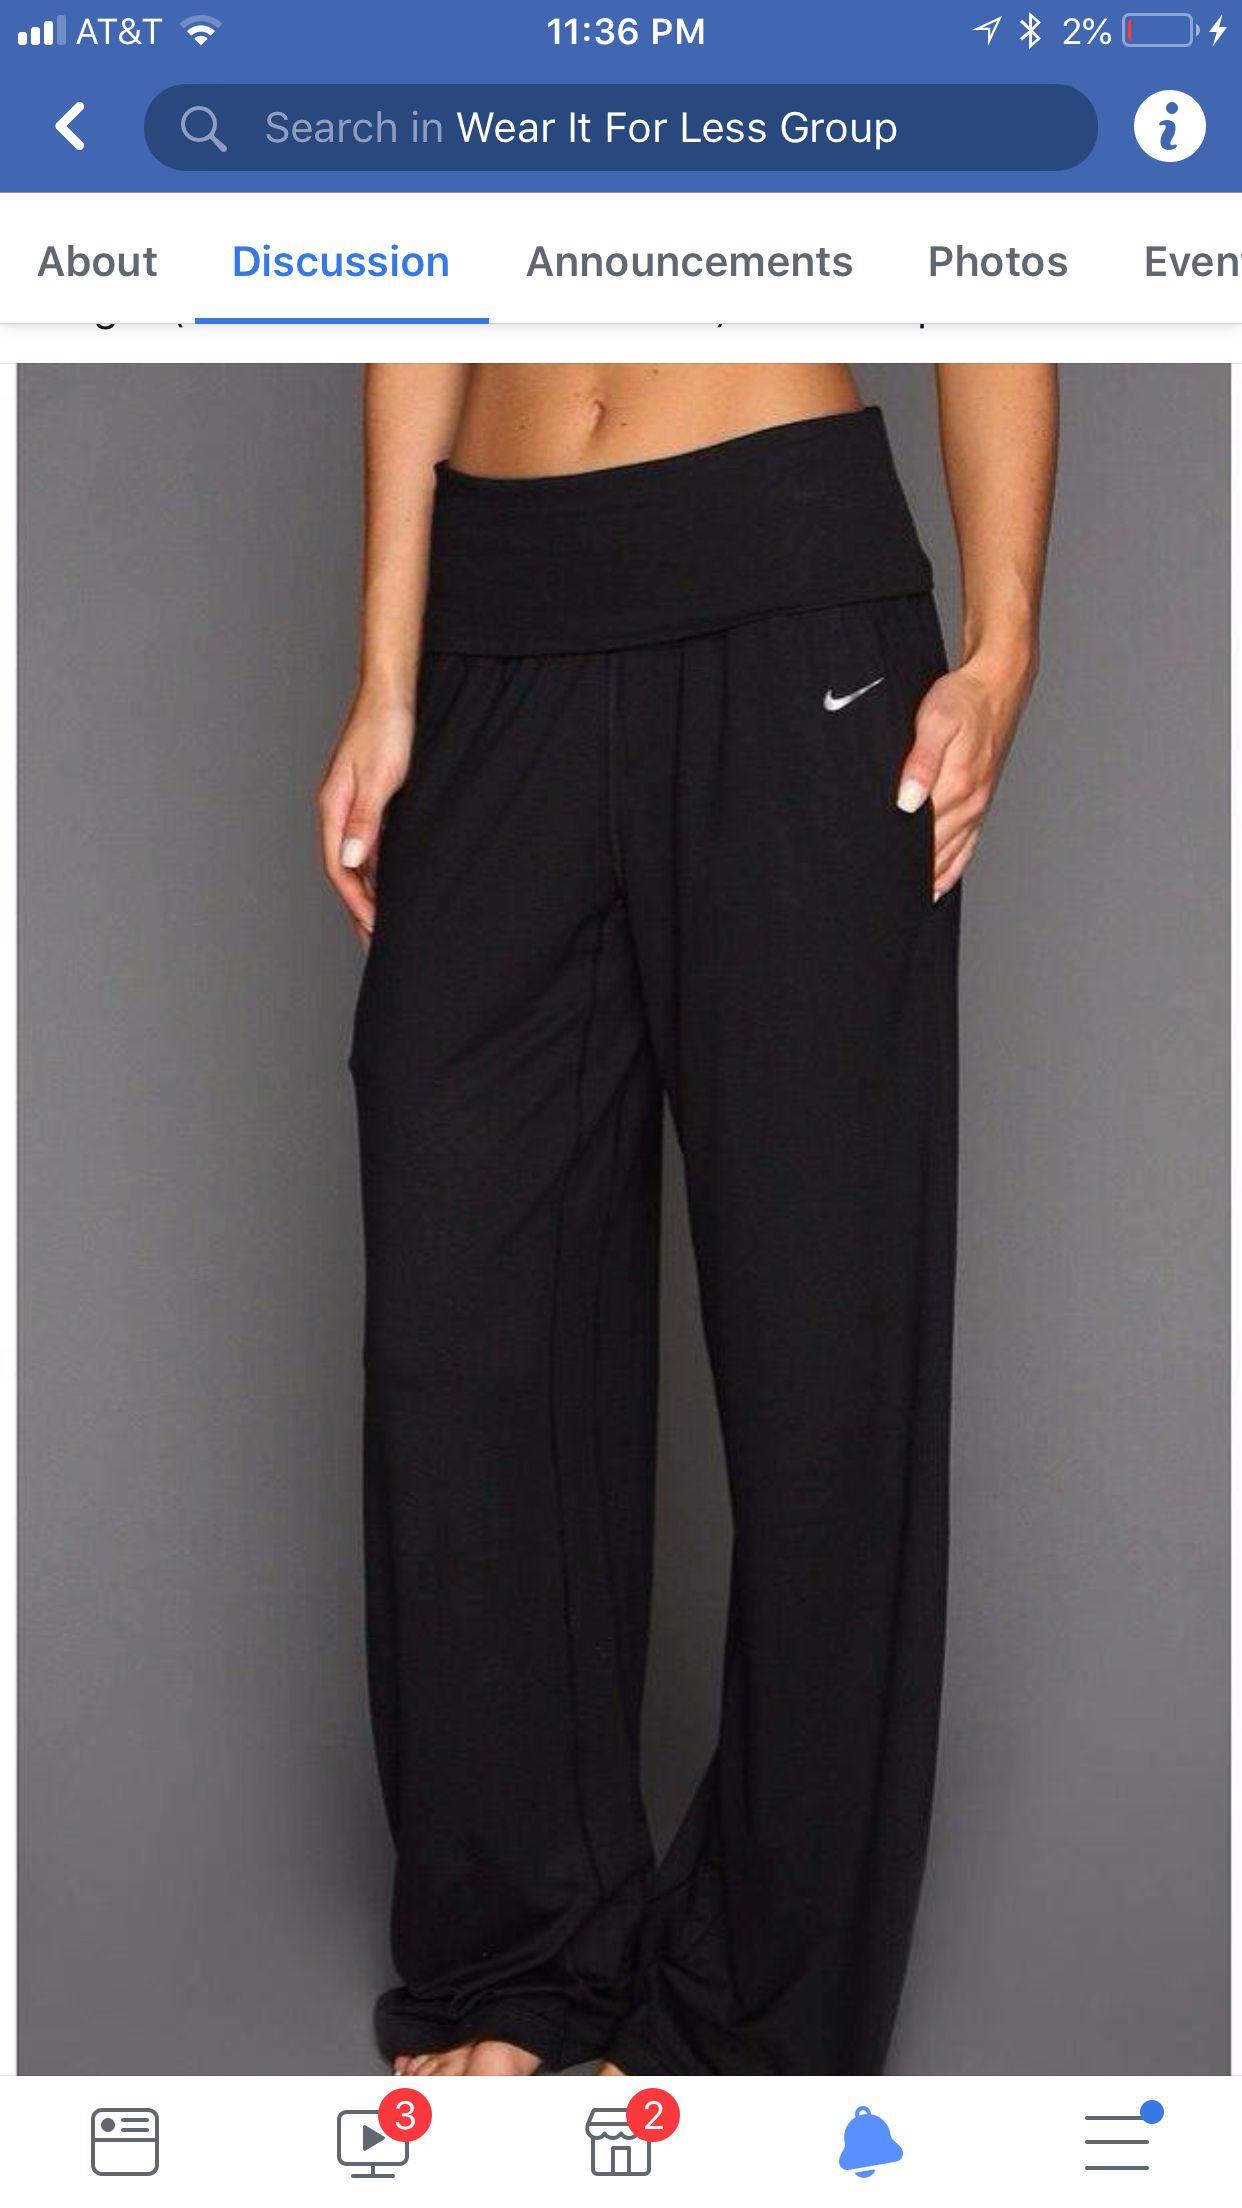 5d3545c085470d Nike Yoga Pants - these look so comfy! I love comfy!!